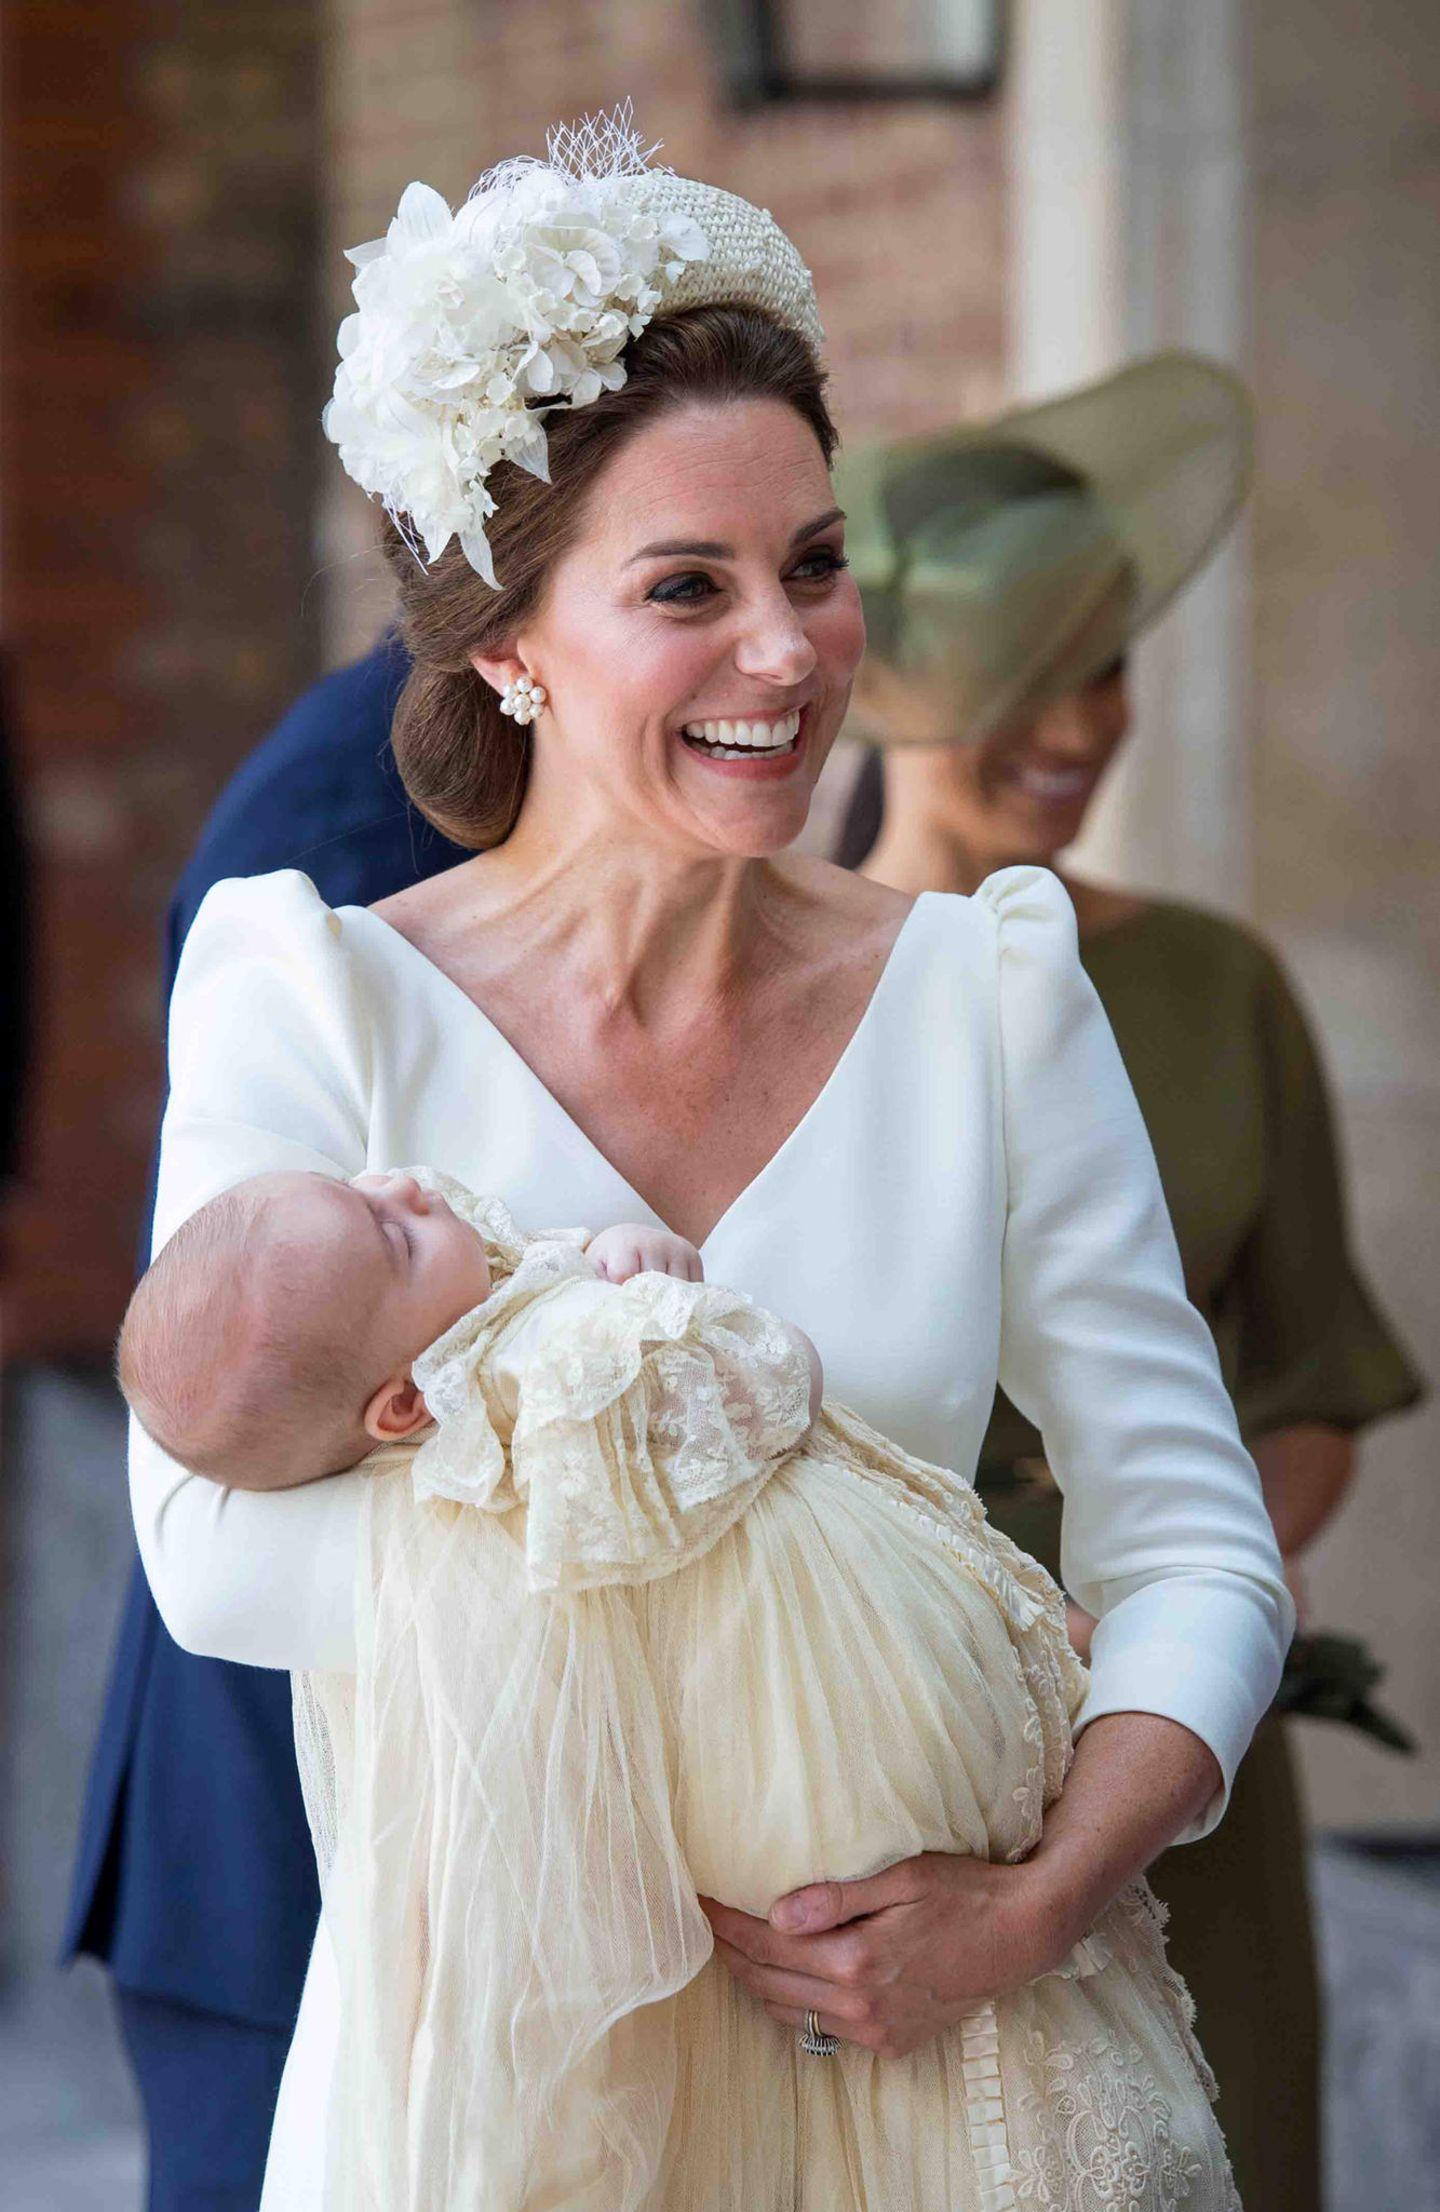 Herzogin Catherine bezaubert zur Taufe ihres Sohnes Prinz Louis am 9. Juli 2018 nicht nur in einer Robevon Alexander McQueen, sondern auch mit einem wunderschönen Haarreif. Das Accessoire wird von Designerin Jane Taylor extra zu diesem Anlass für die Herzogin gefertigt – und ist nun auch für andere Fashionistas erhältlich!